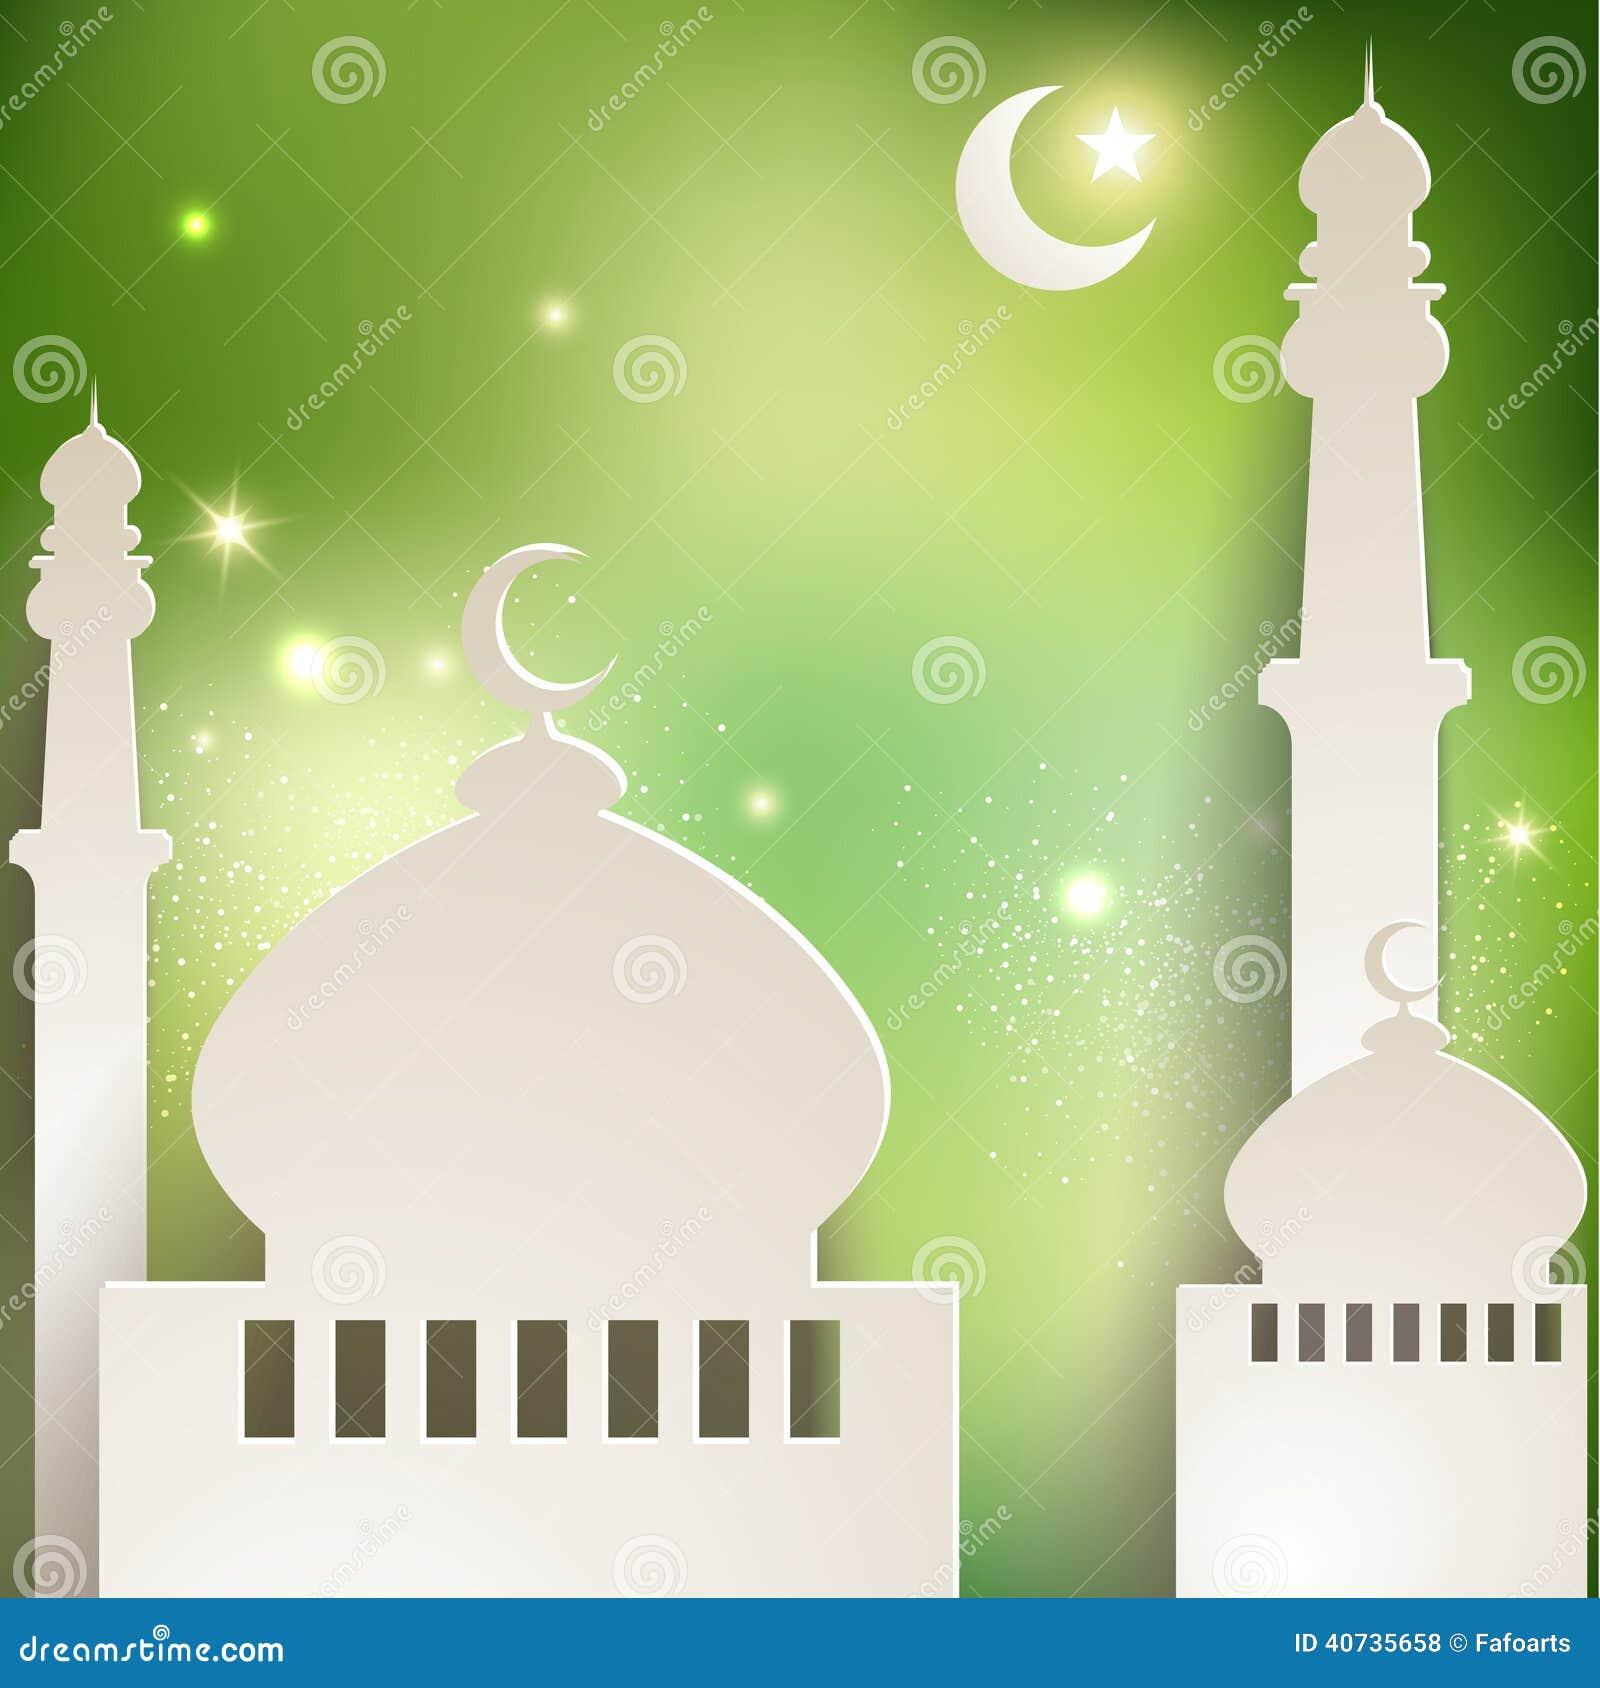 Amazing Id Festival Eid Al-Fitr Greeting - ramadan-greeting-card-eid-al-fitr-40735658  You Should Have_894185 .jpg